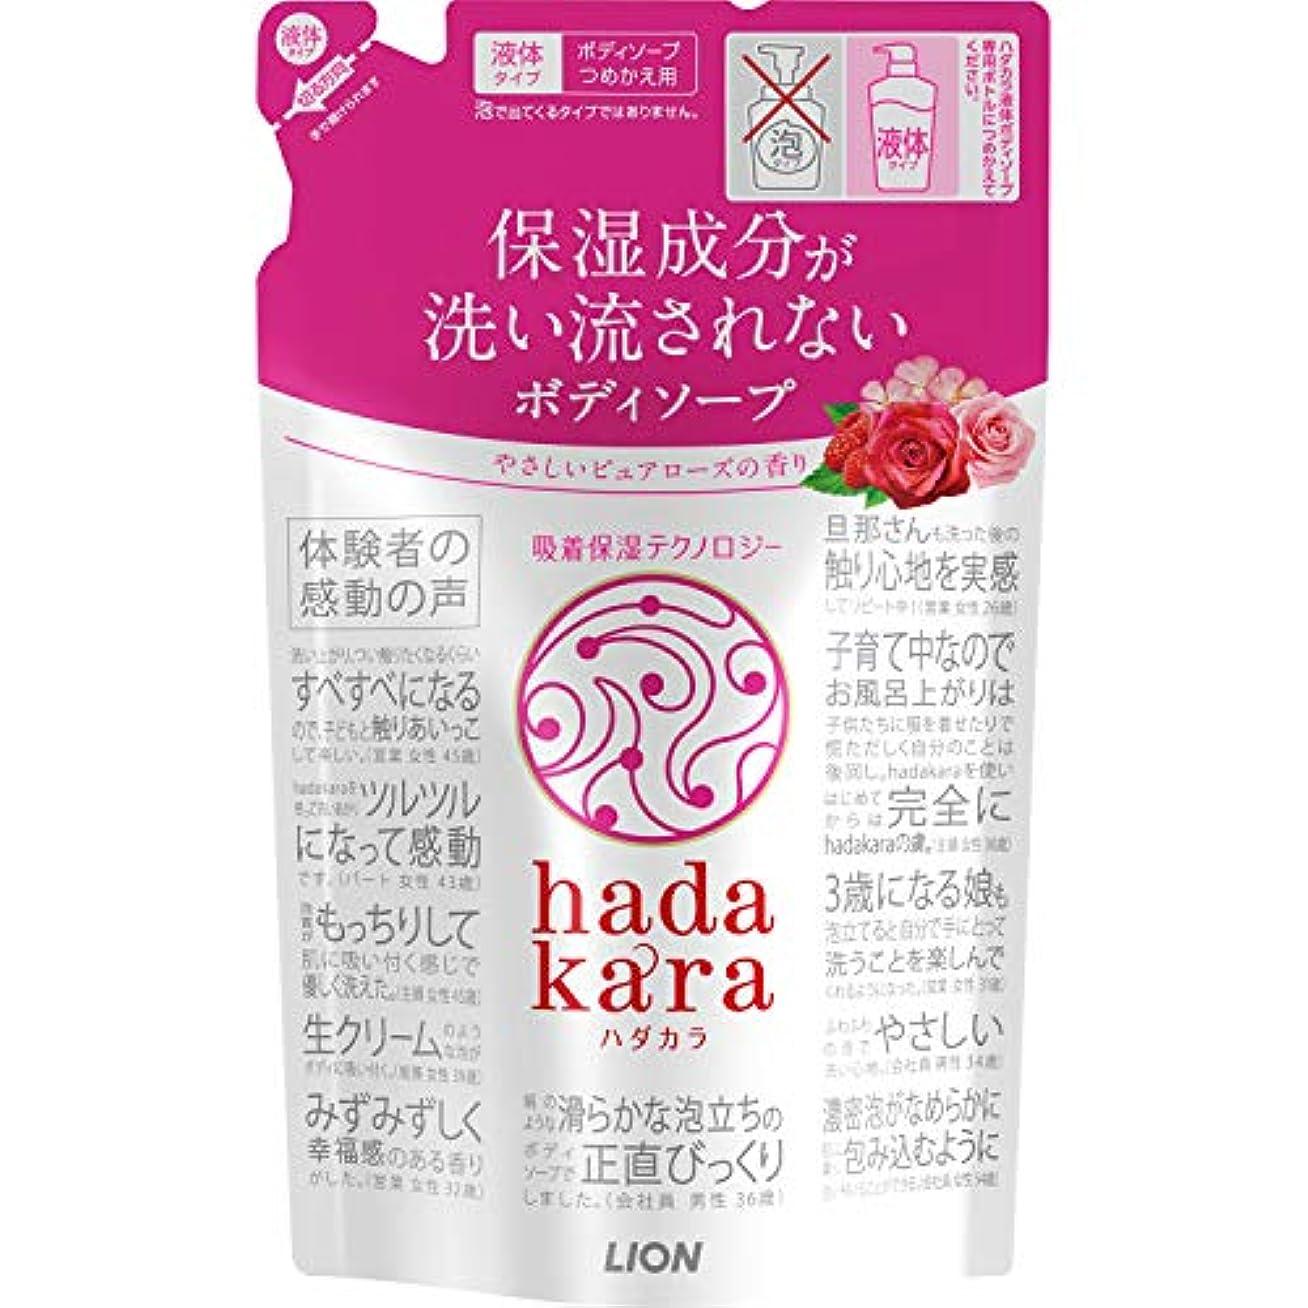 粘土賢明な野心的hadakara ボディソープピュアローズ 詰替 360ml